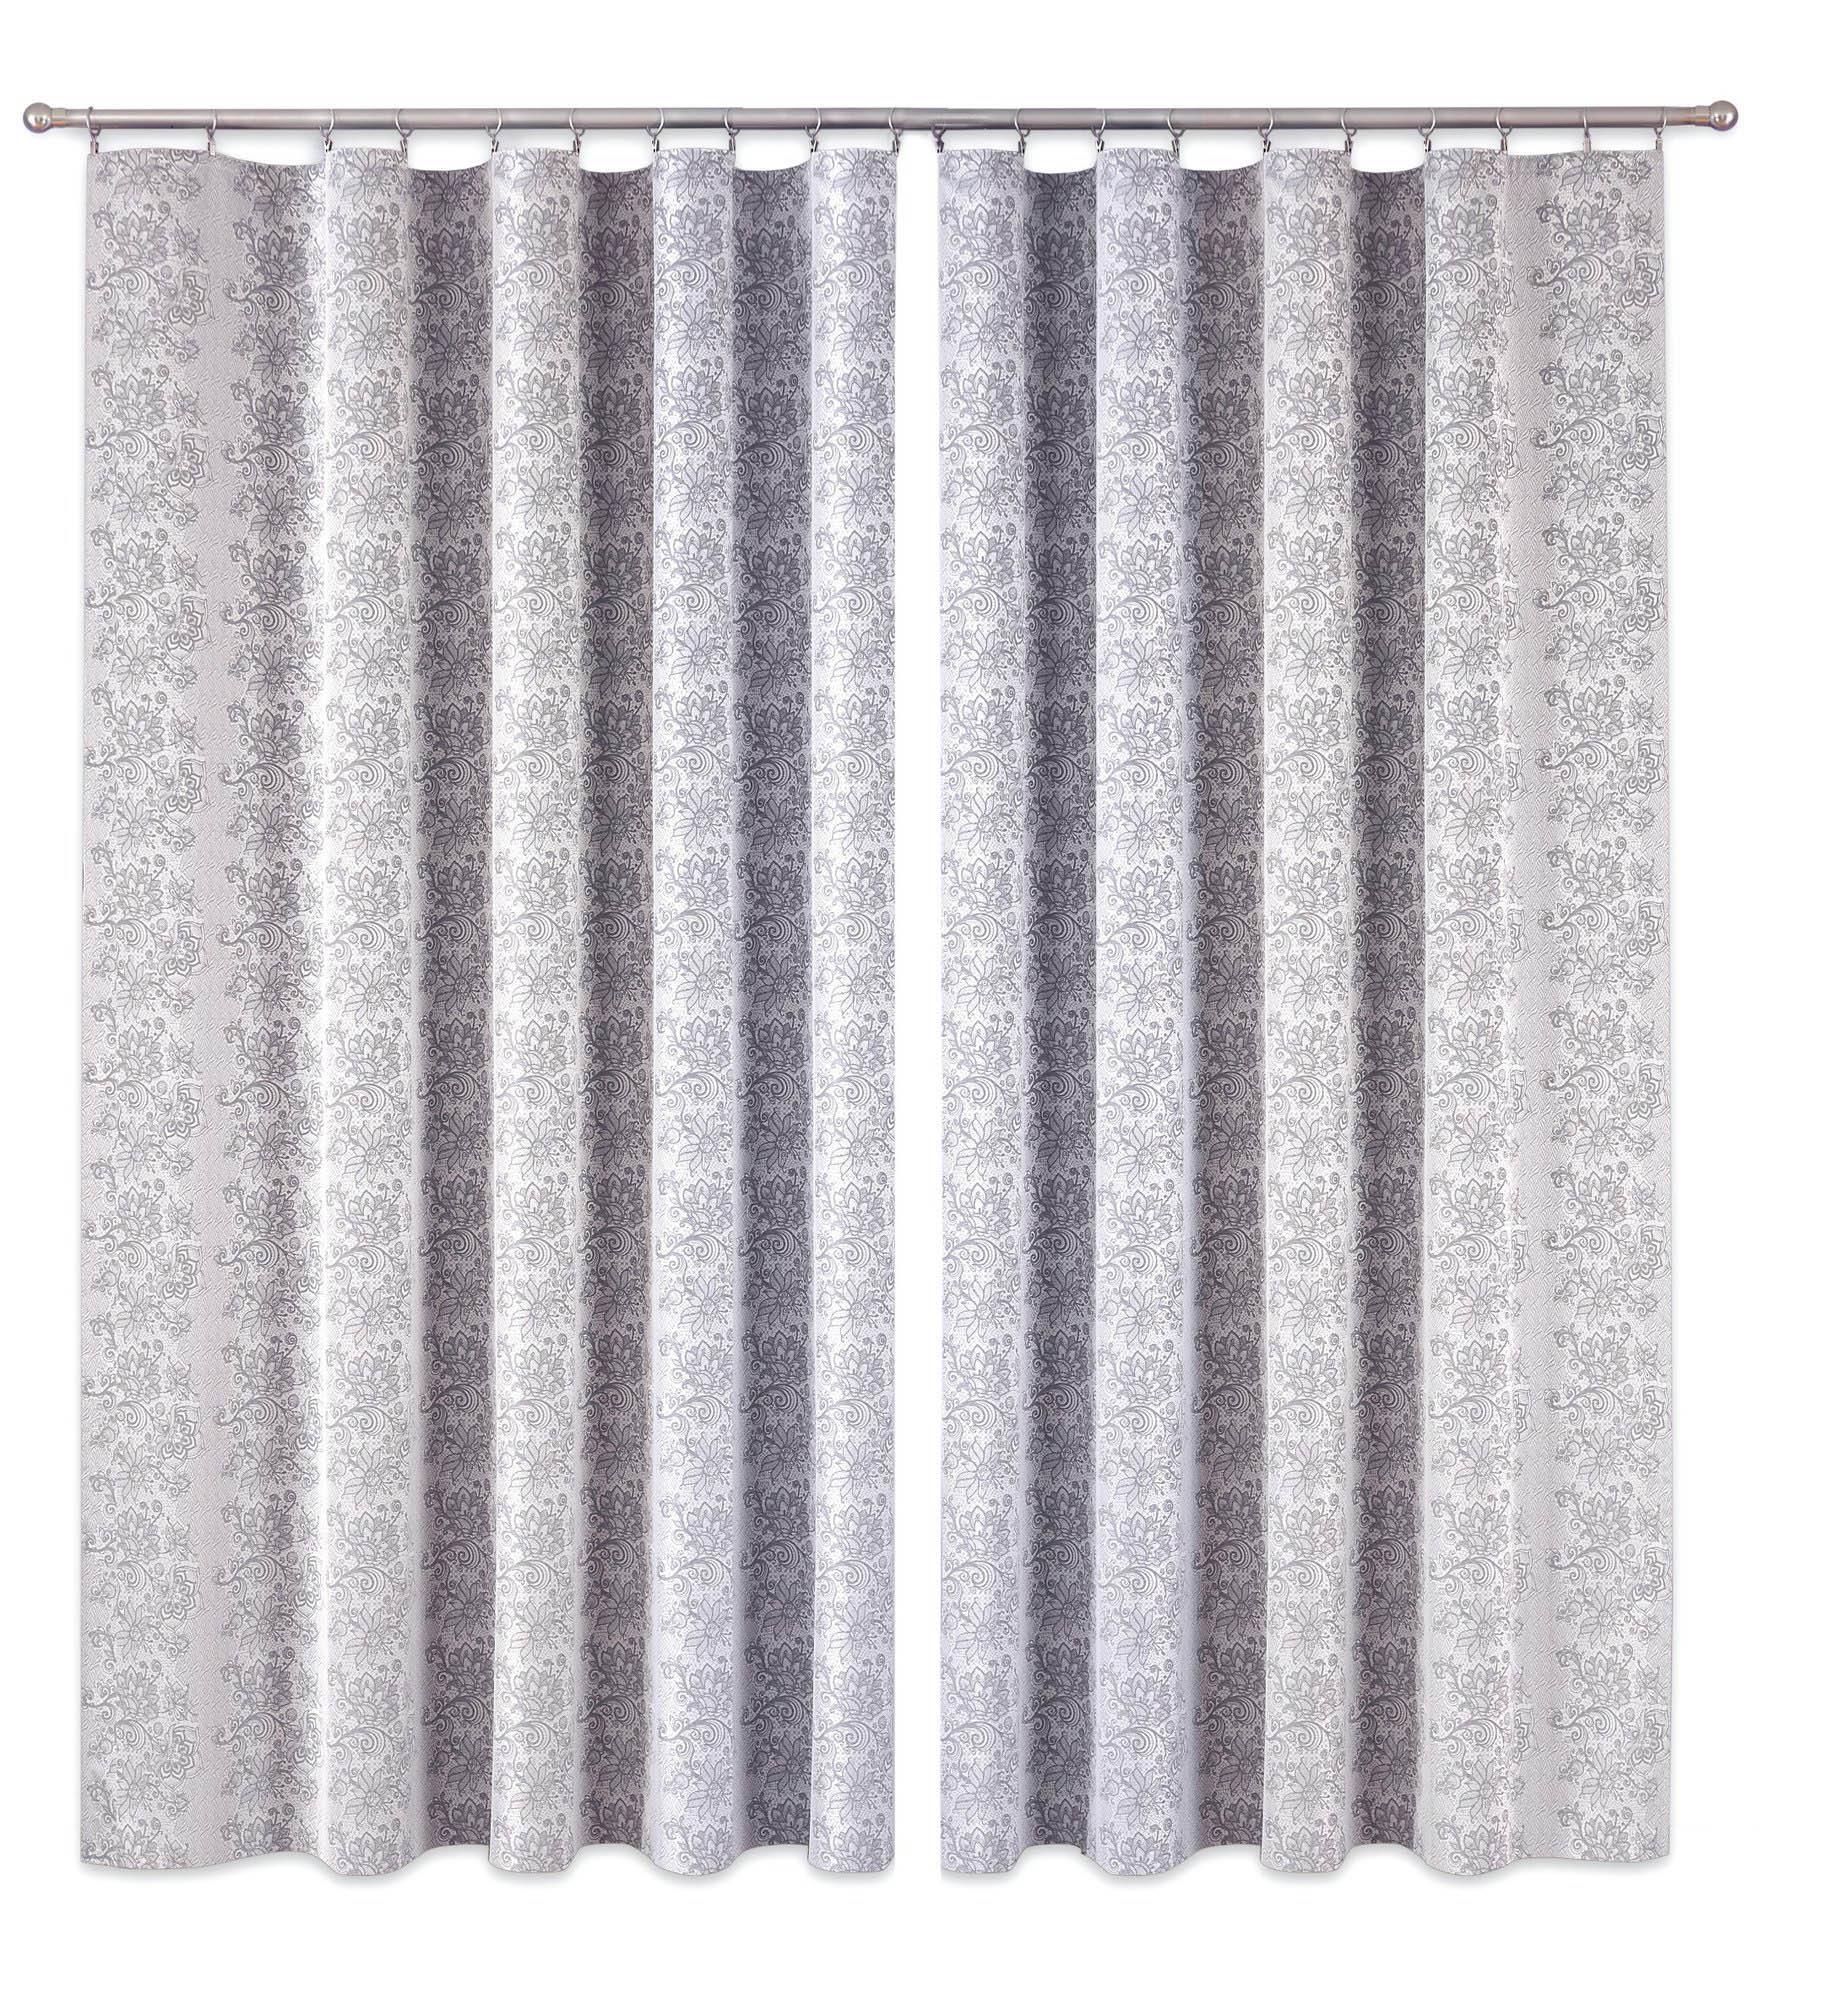 Шторы Primavera Классические шторы Natalie Цвет: Серый шторы primavera классические шторы caroline цвет сиреневый